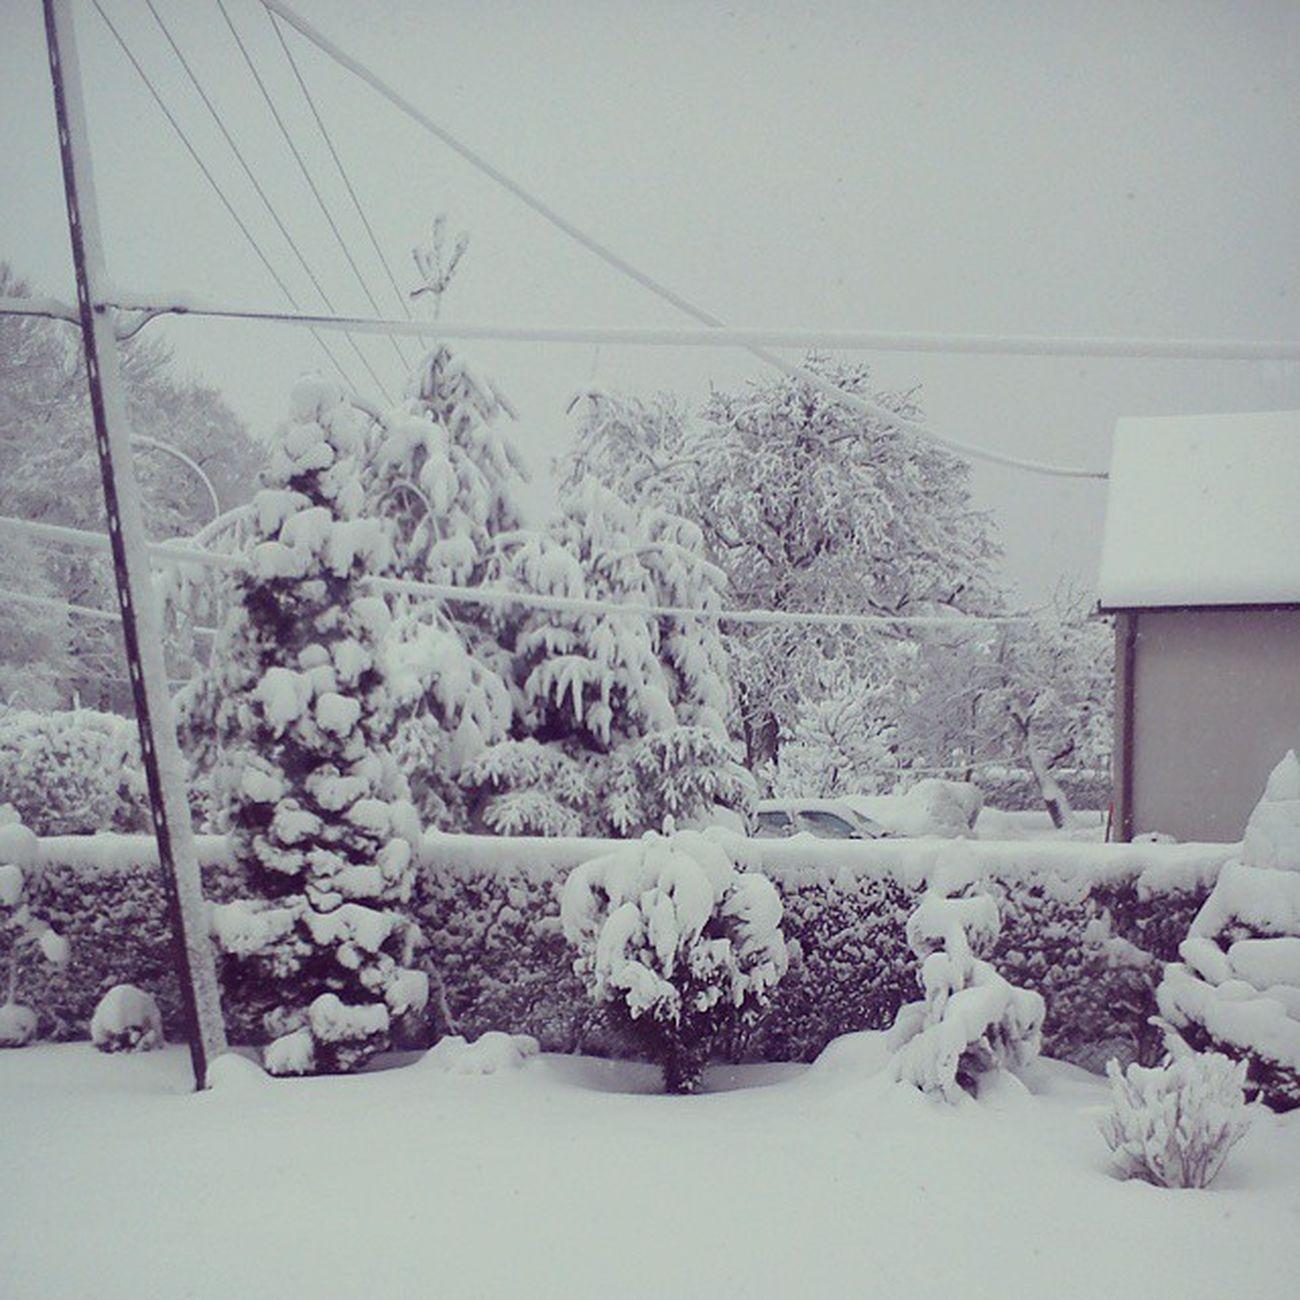 śnieg Zasypało Nas Ferie Ulepimy Bałwana Huraa